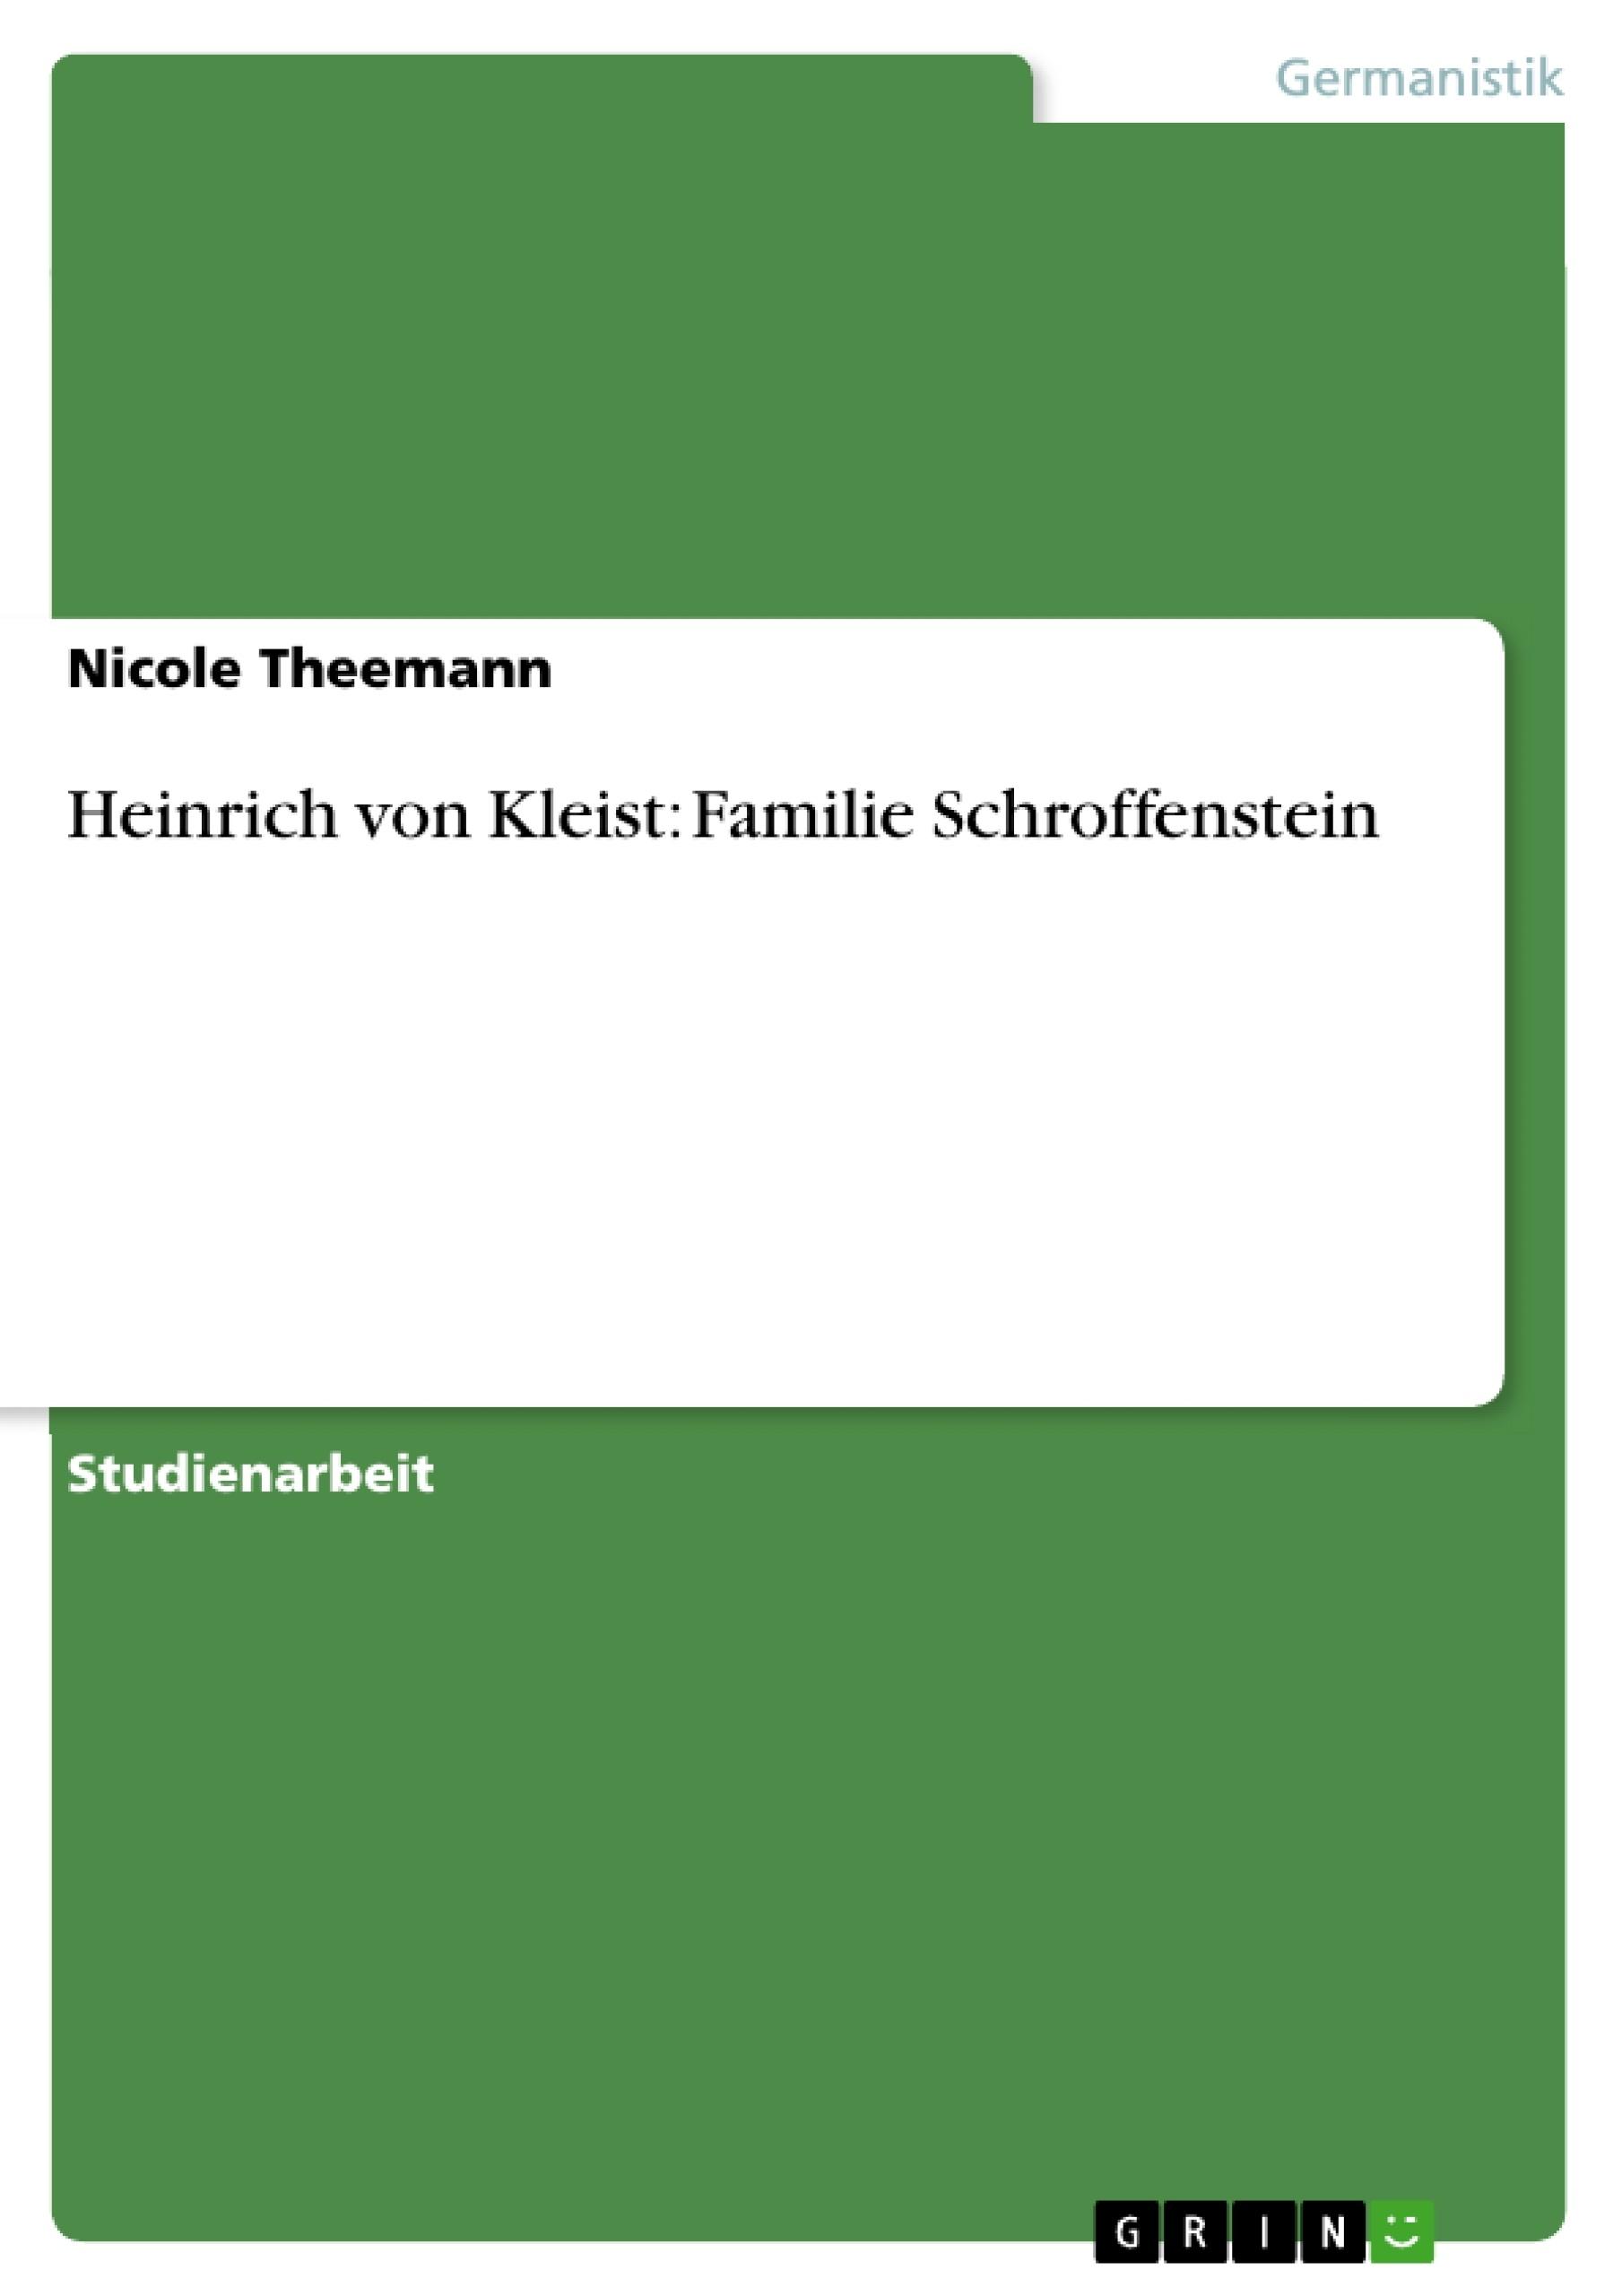 Titel: Heinrich von Kleist: Familie Schroffenstein